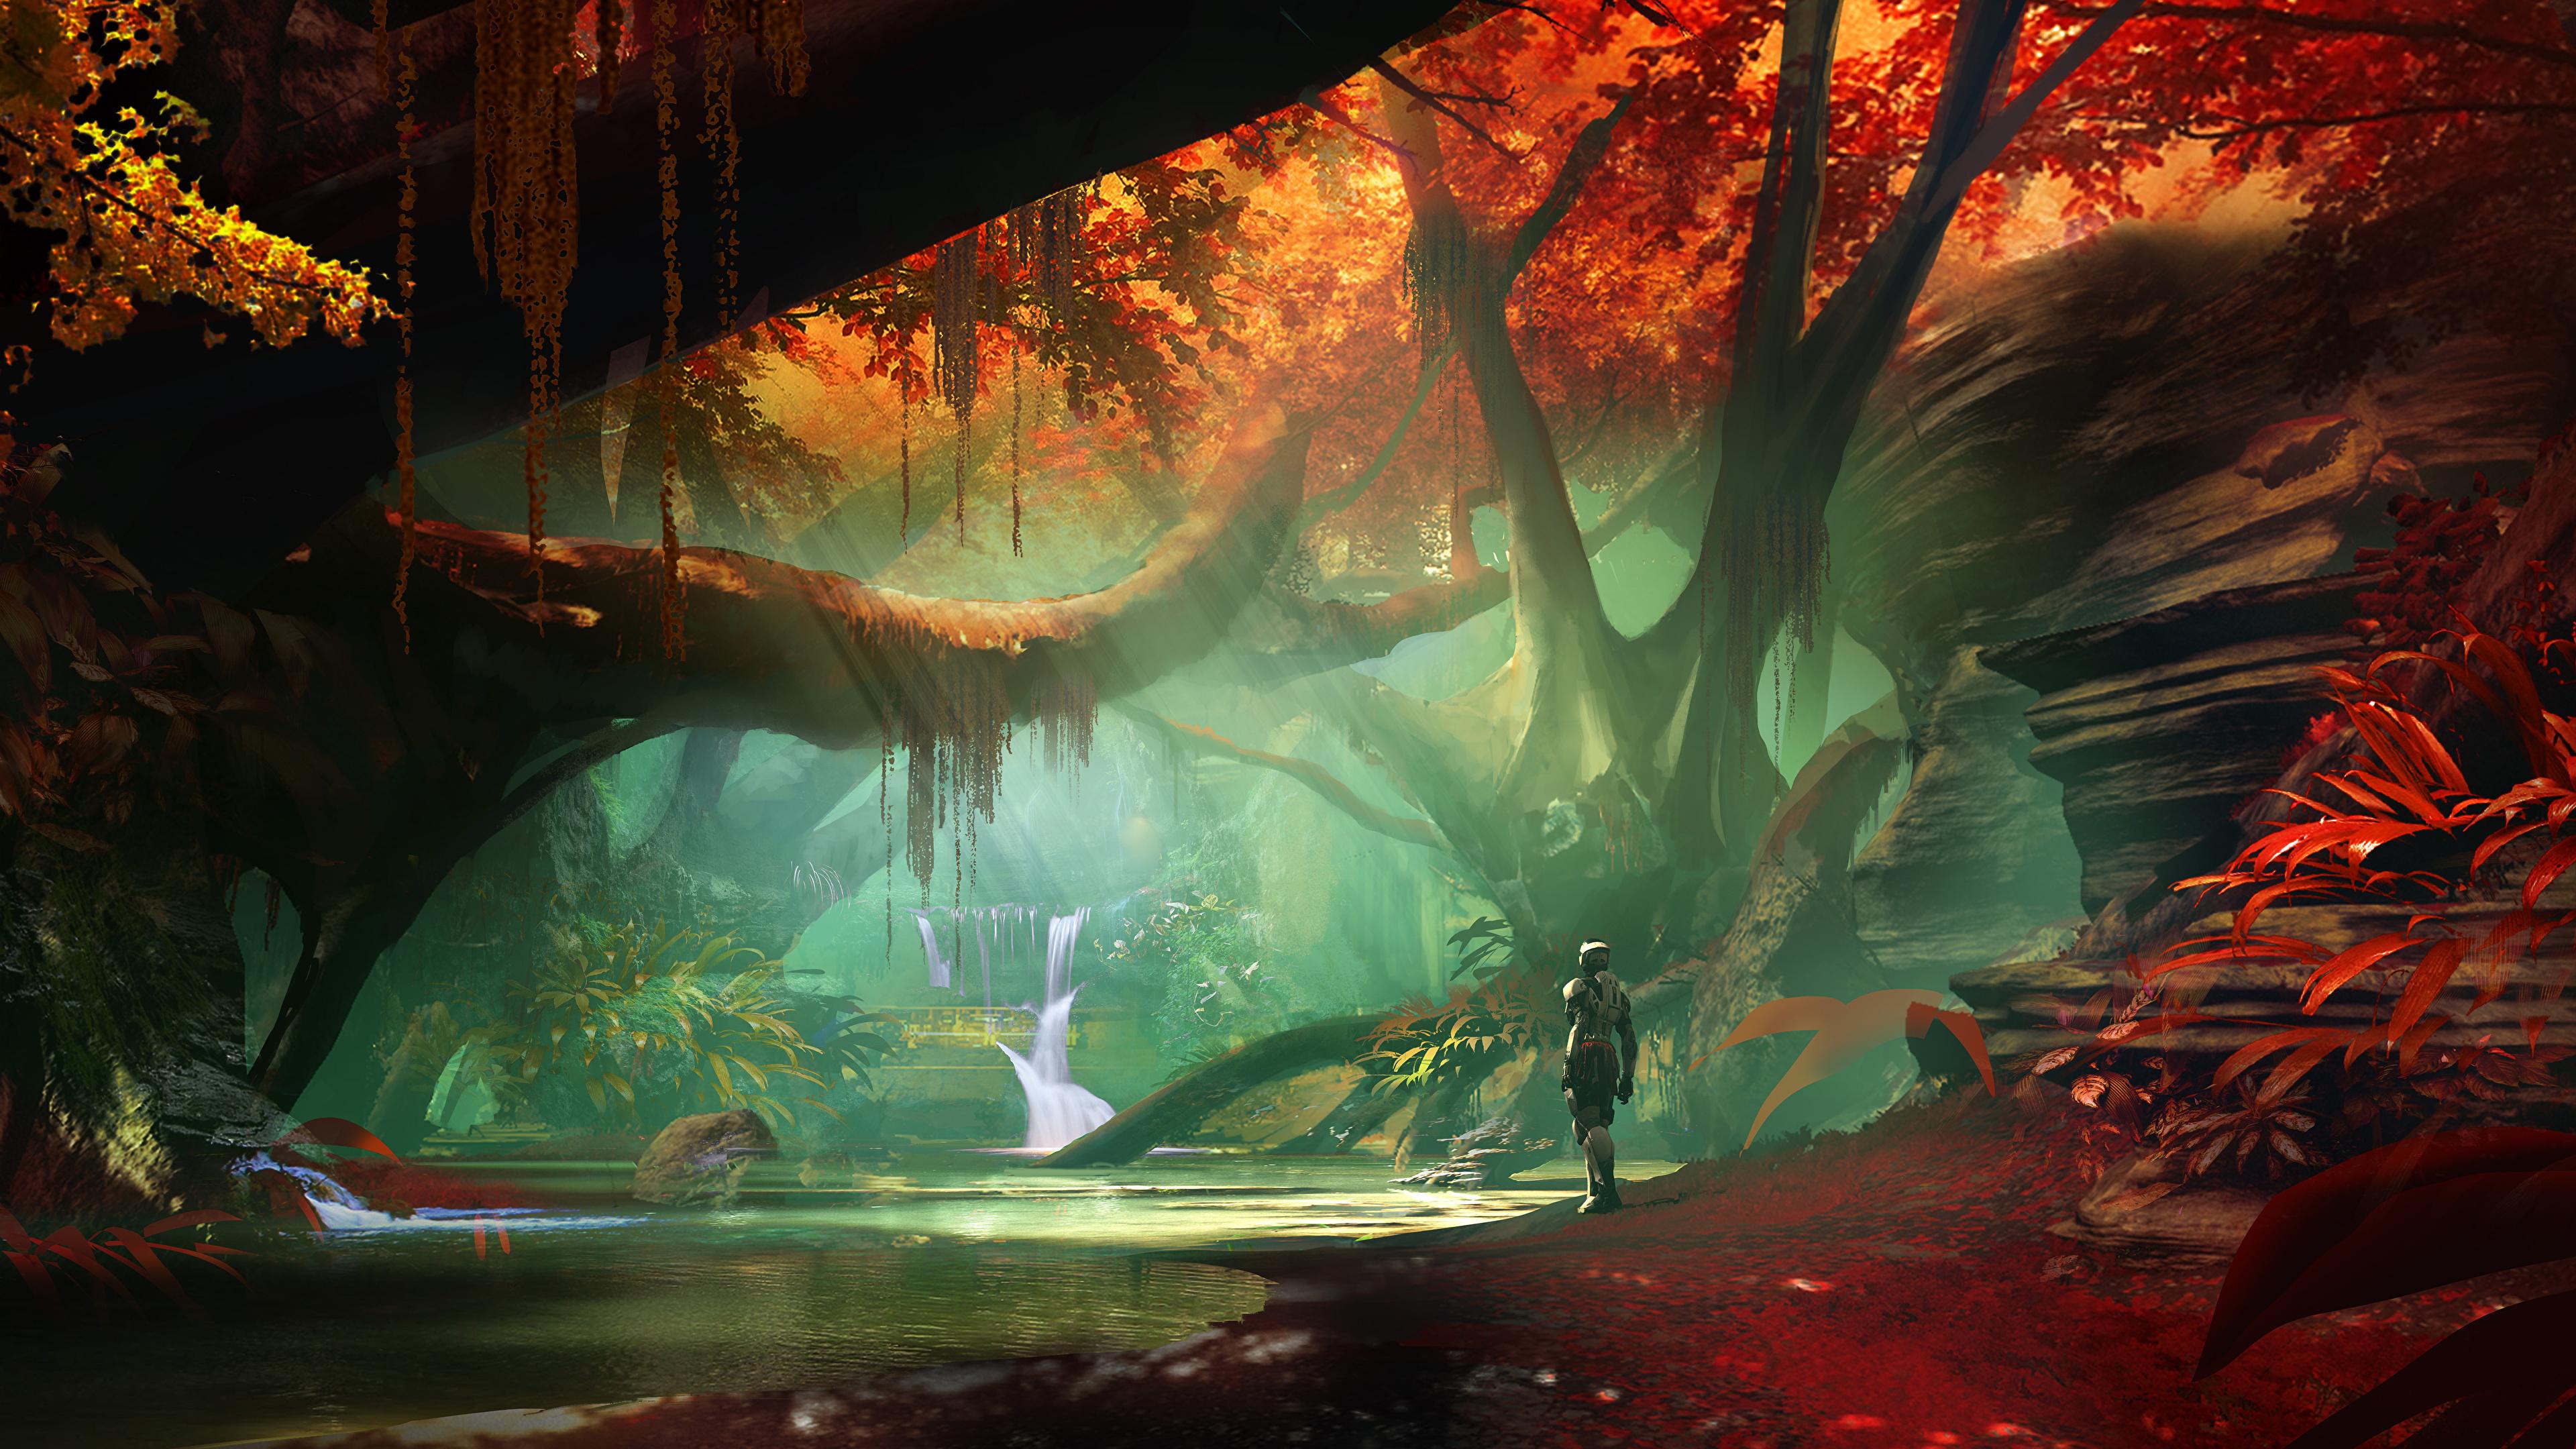 壁紙 3840x2160 幻想的な世界 Destiny 2 ゲーム ファンタジー ダウンロード 写真